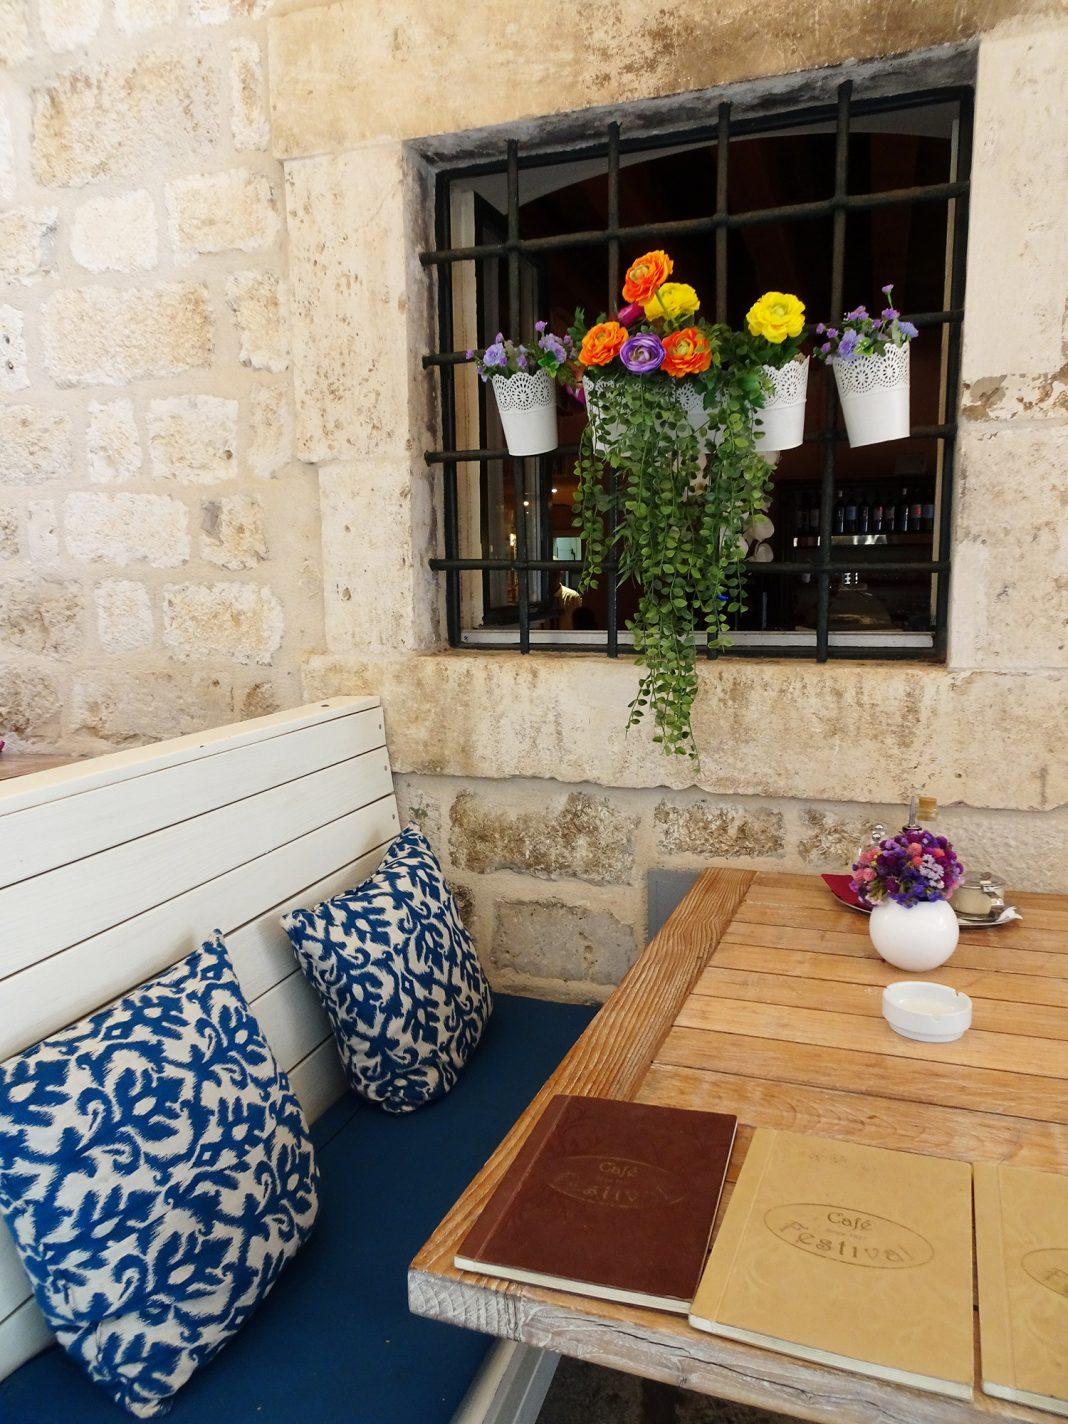 Café Festival in Dubrovnik